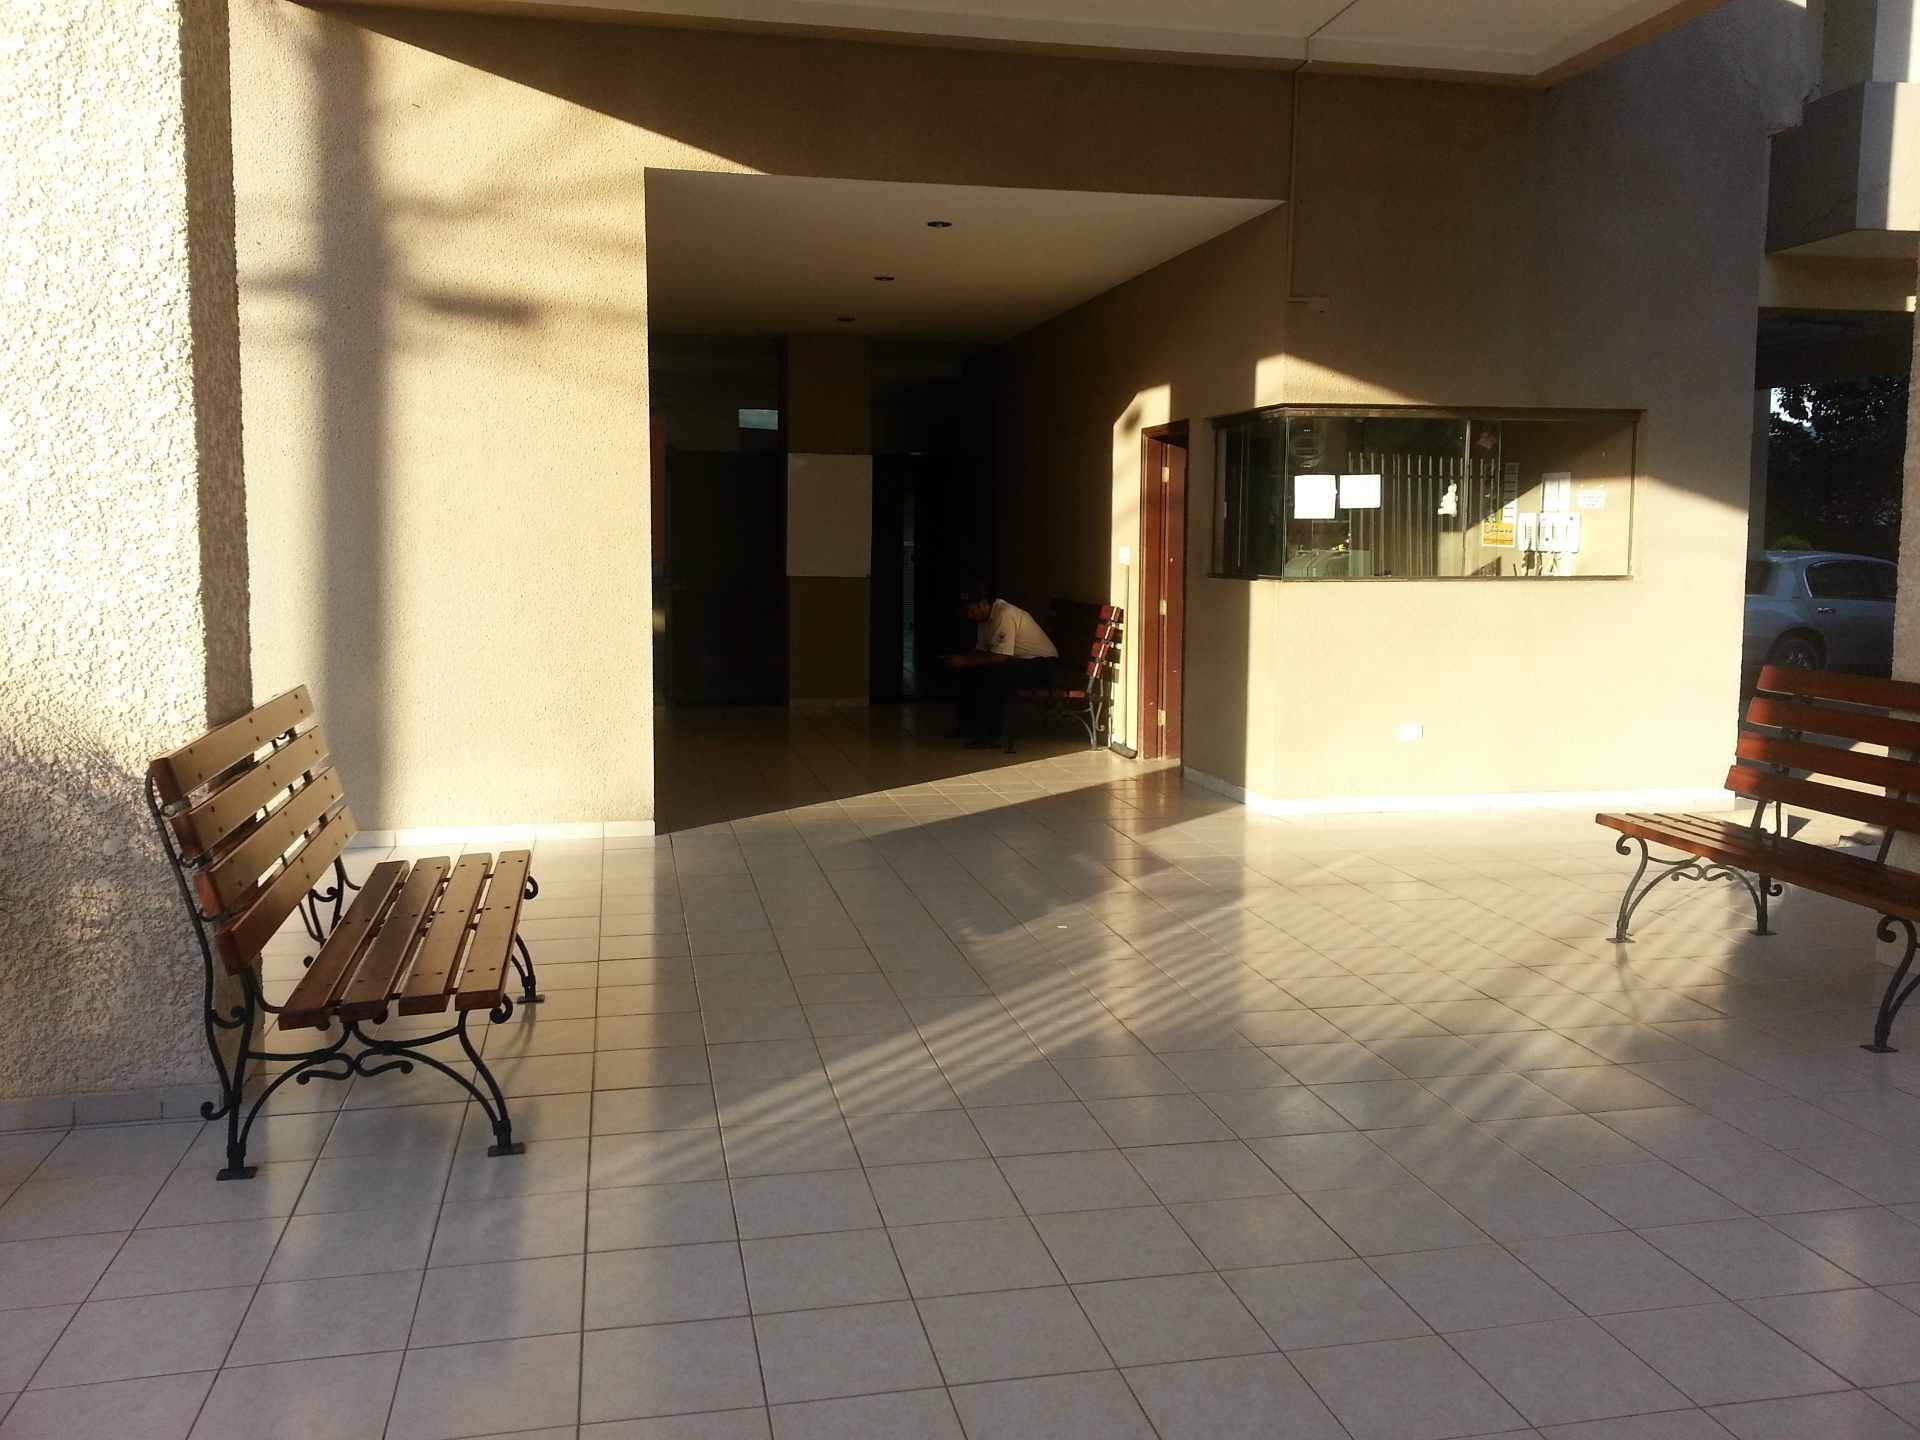 Departamento en Alquiler Entre 4to y 5to anillo, entre Av Beni y Banzer, Condominio Santa Maria I Foto 4